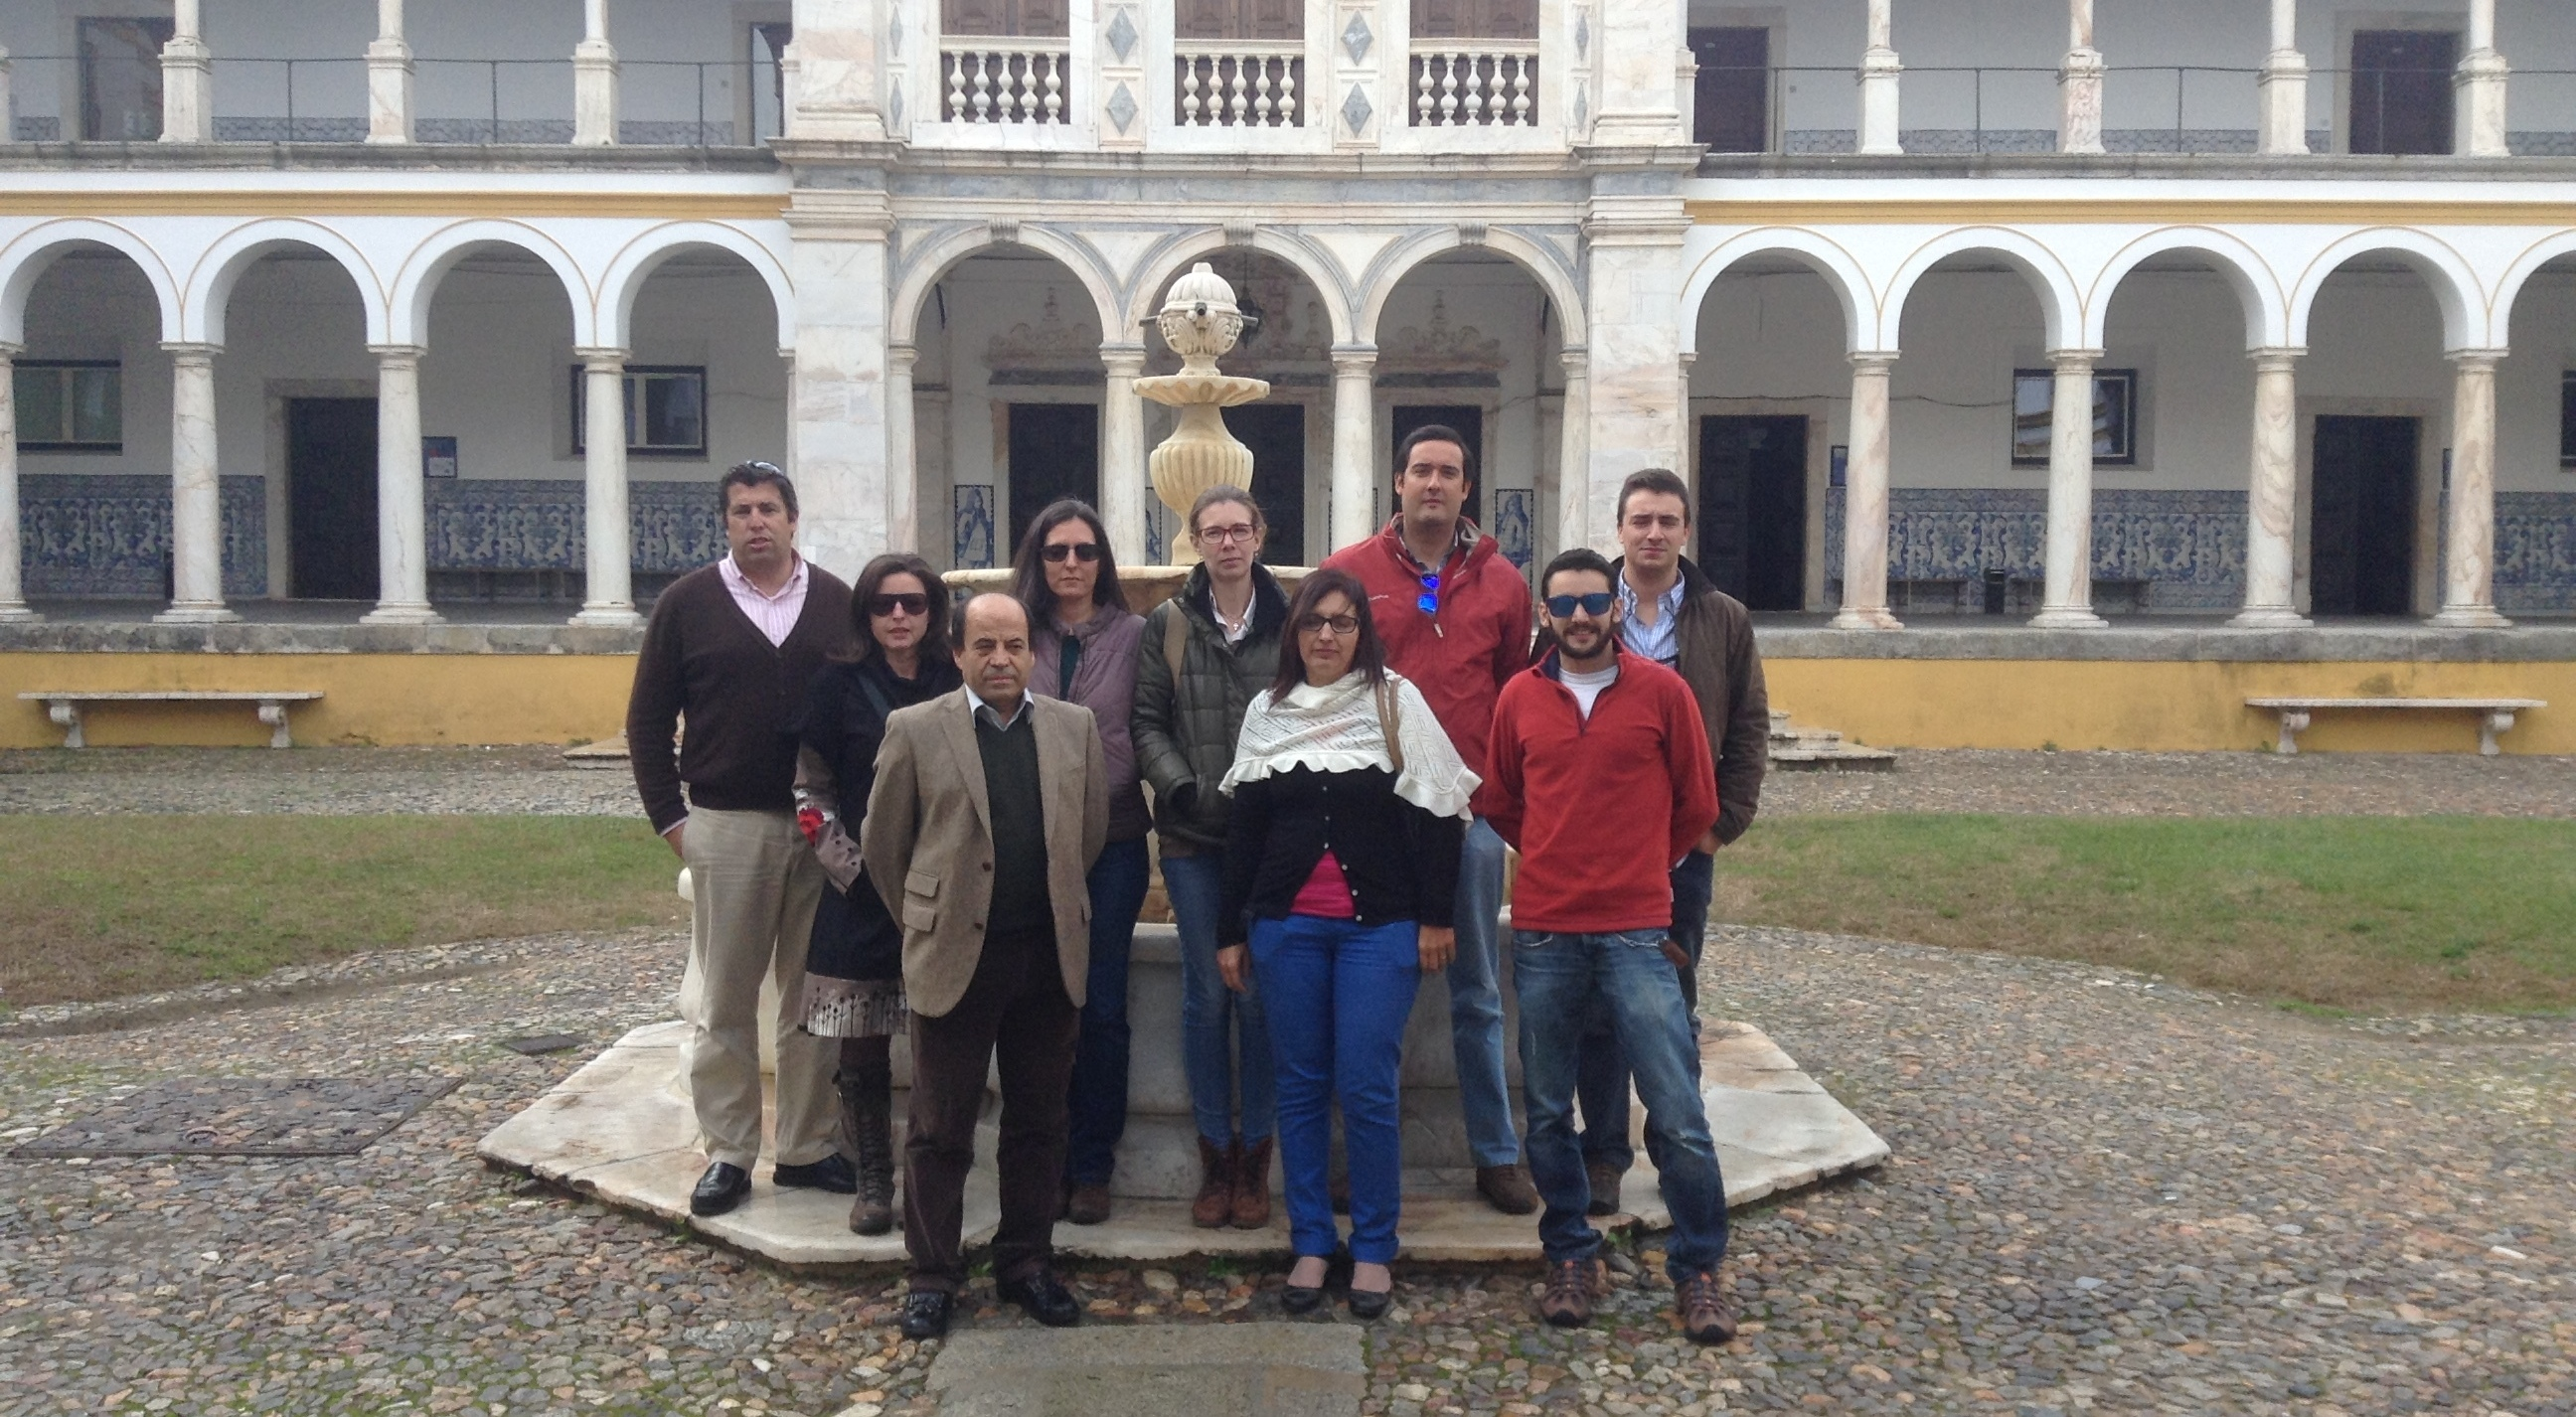 1º curso de avaliação de propriedades rústicas (Évora)